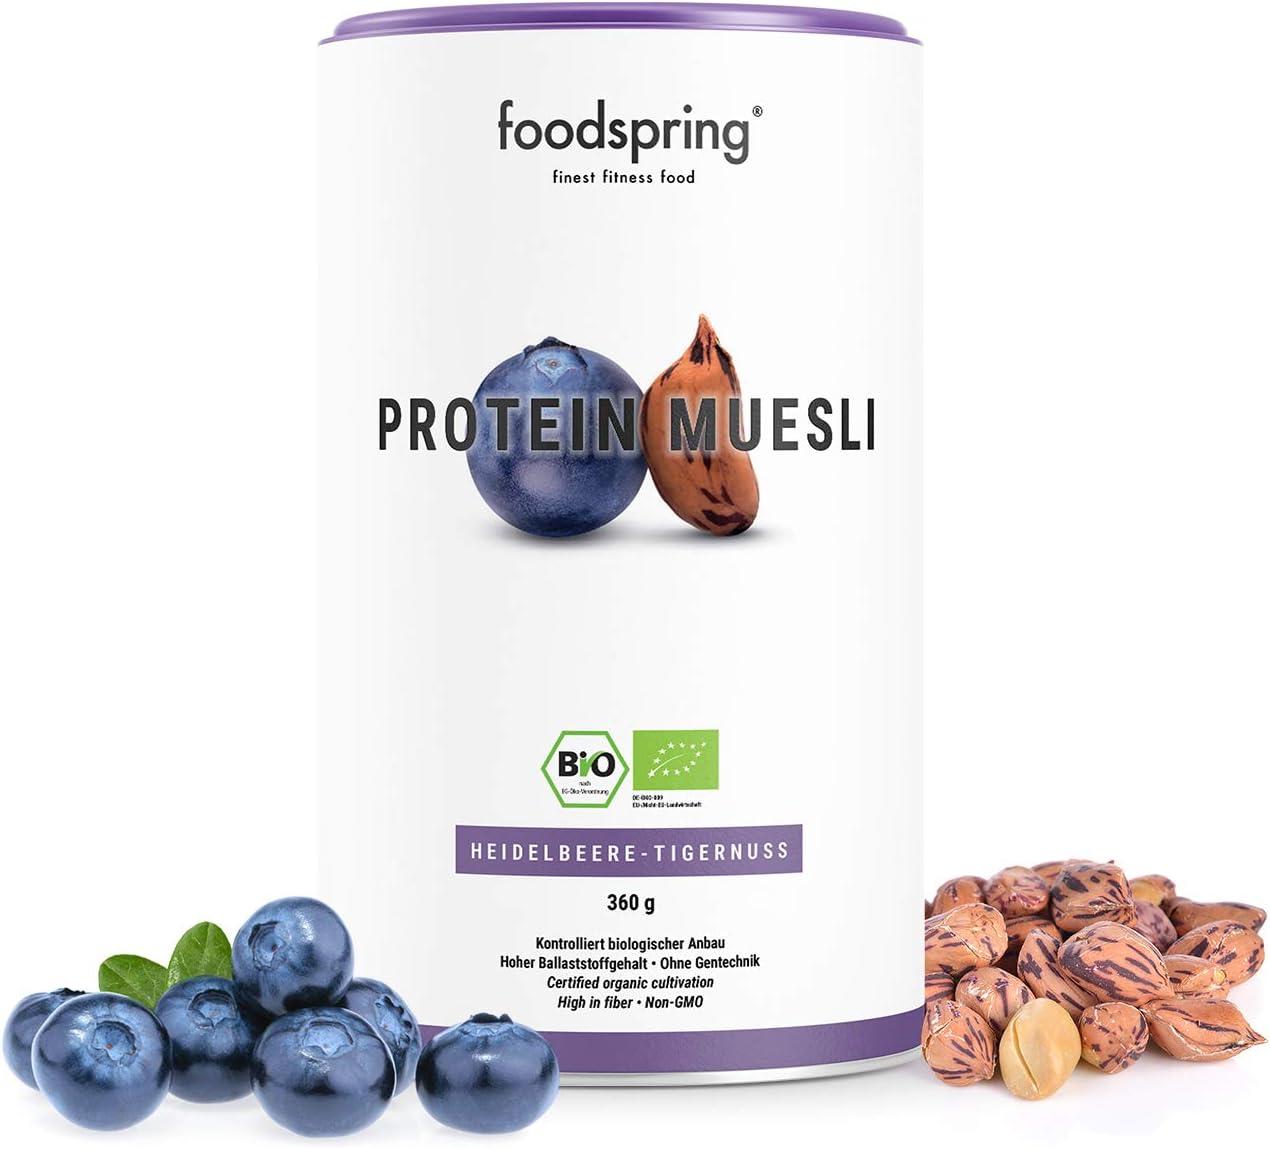 foodspring Muesli Proteico, 360g, Arándanos y chufas ...